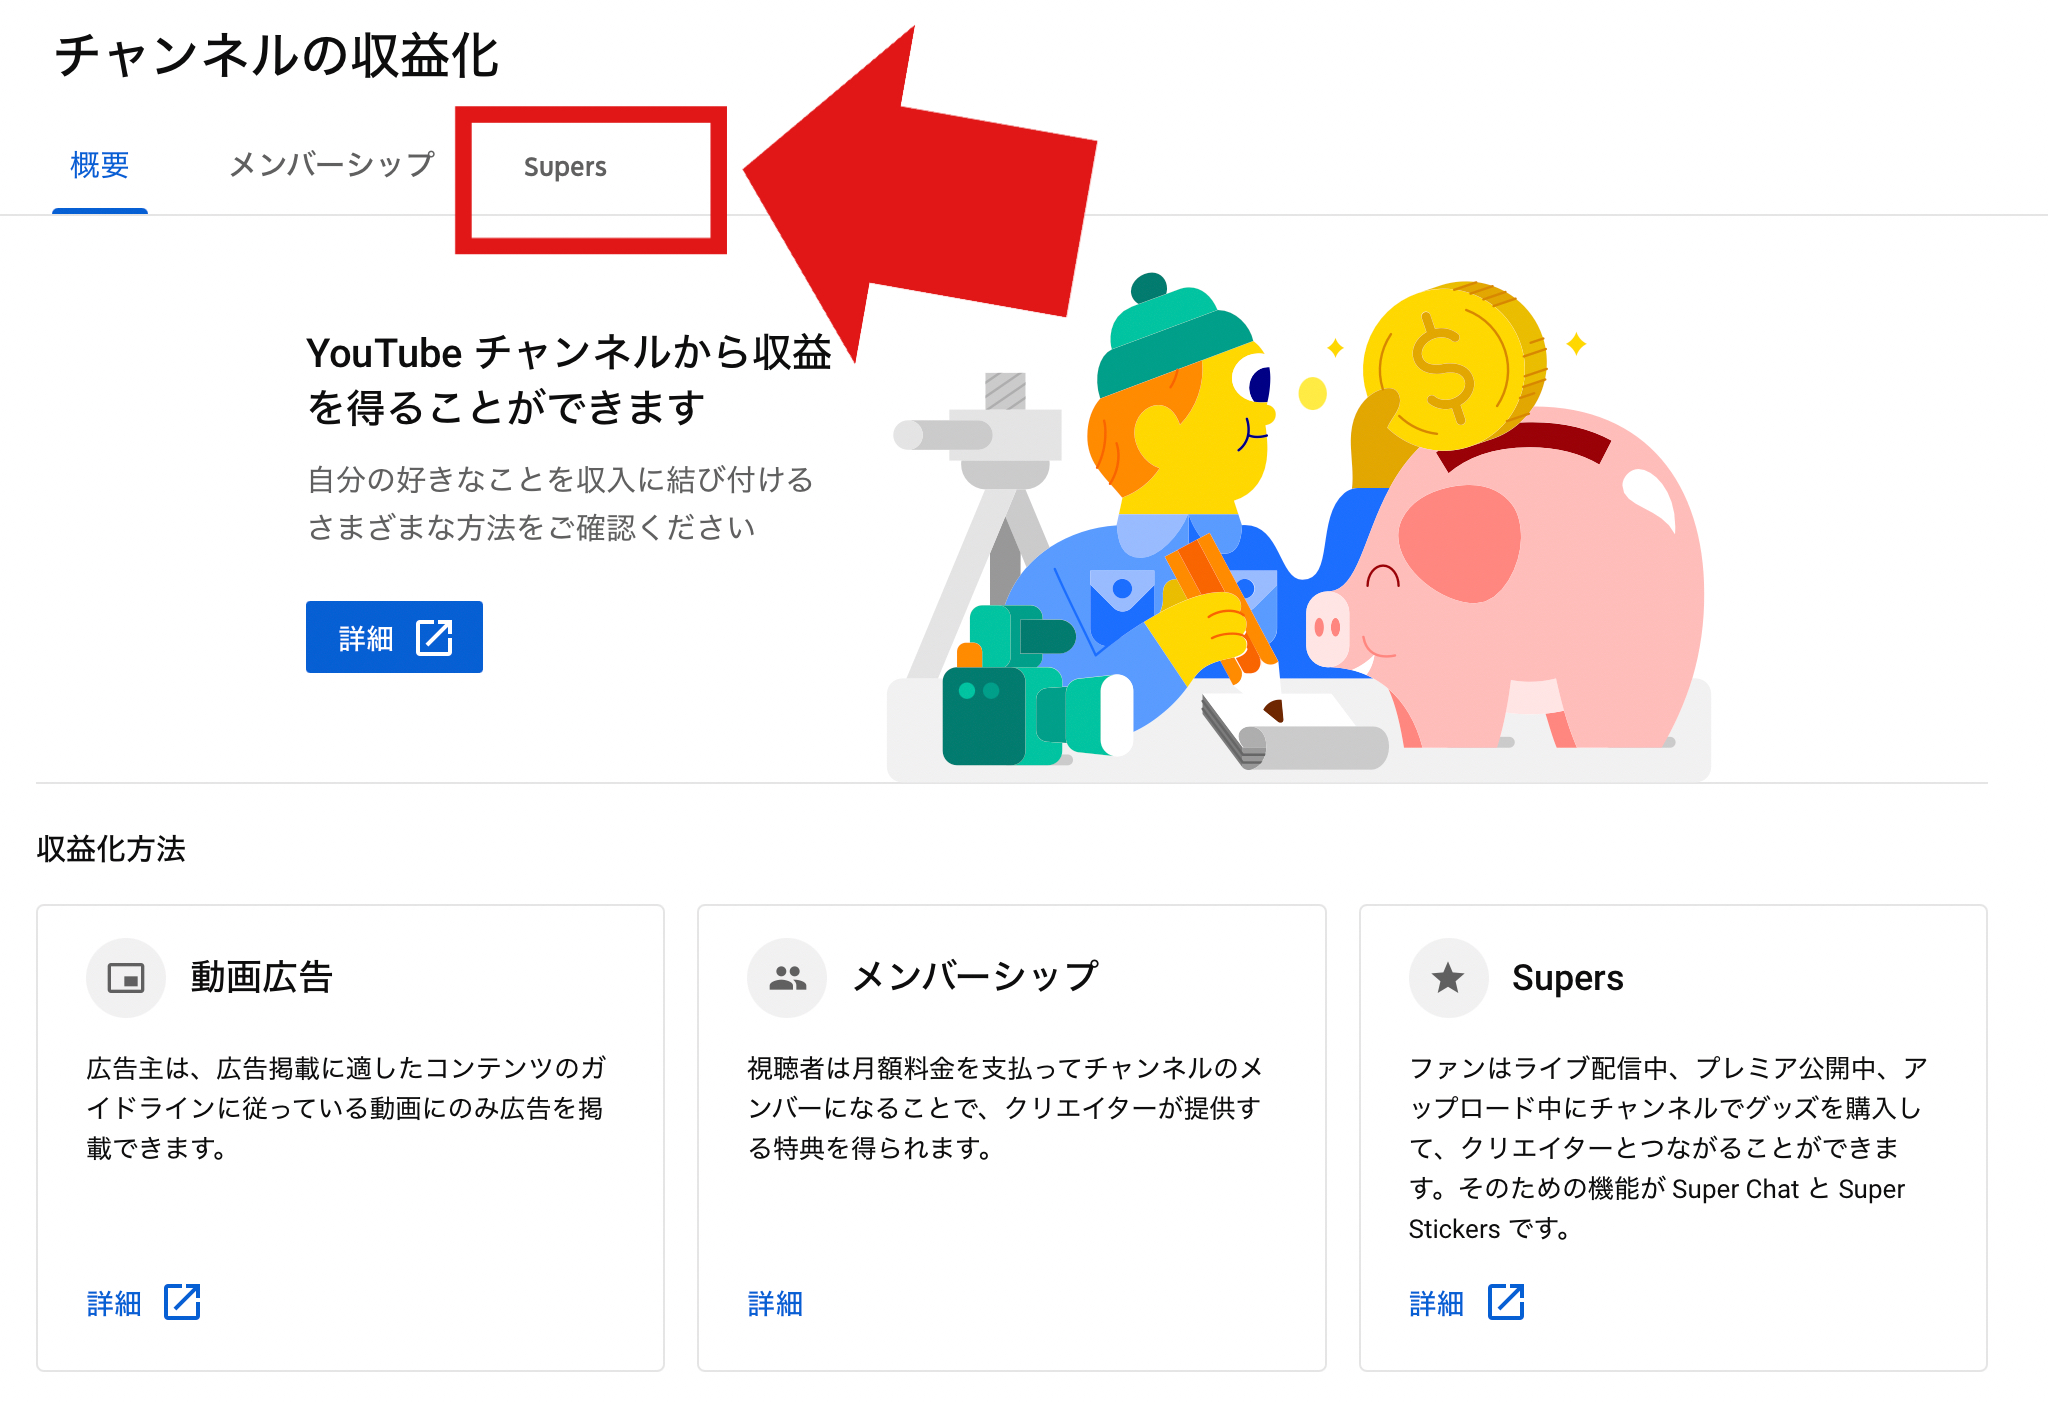 YouTube「Super Thanks」(スーパーサンクス)の設定方法